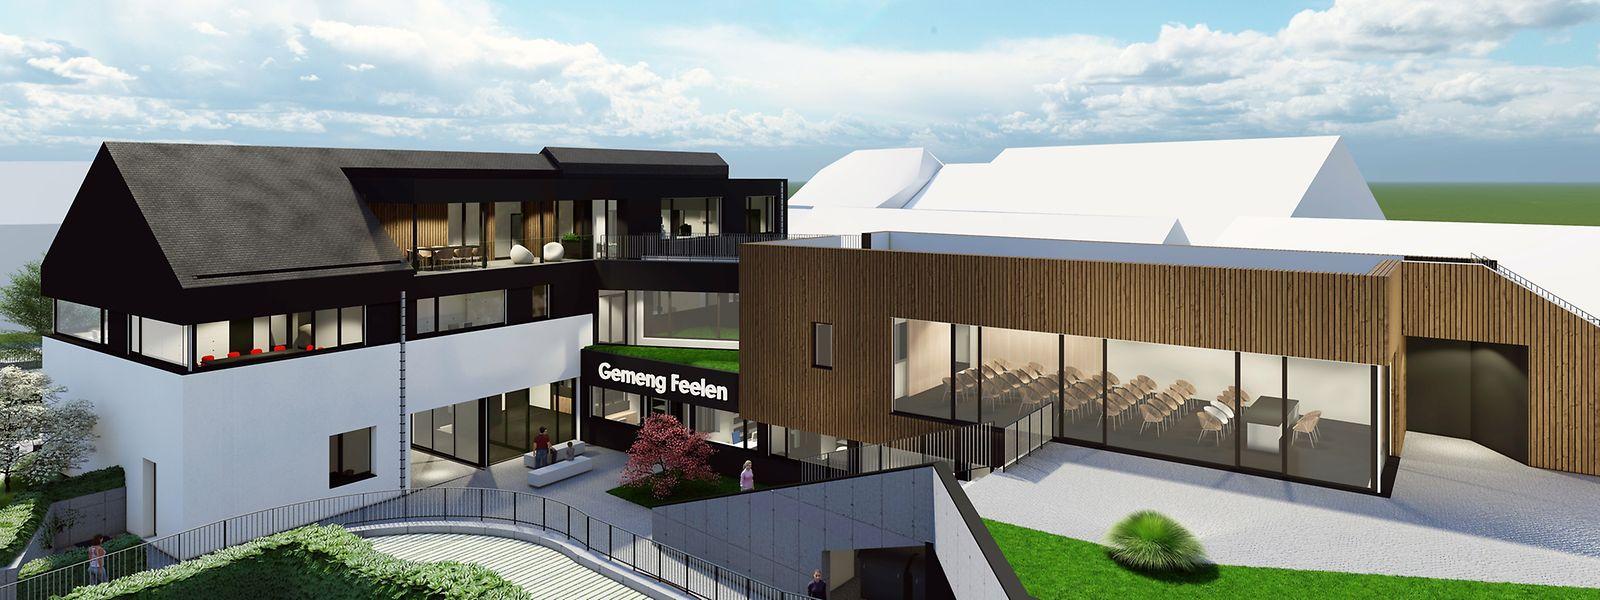 Das neue Gemeindehaus wird die Kontur des ehemaligen Gehöfts Wahl übernehmen und im Hinterhof durch einen hölzernen Neubau und eine Tiefgarage vervollständigt.